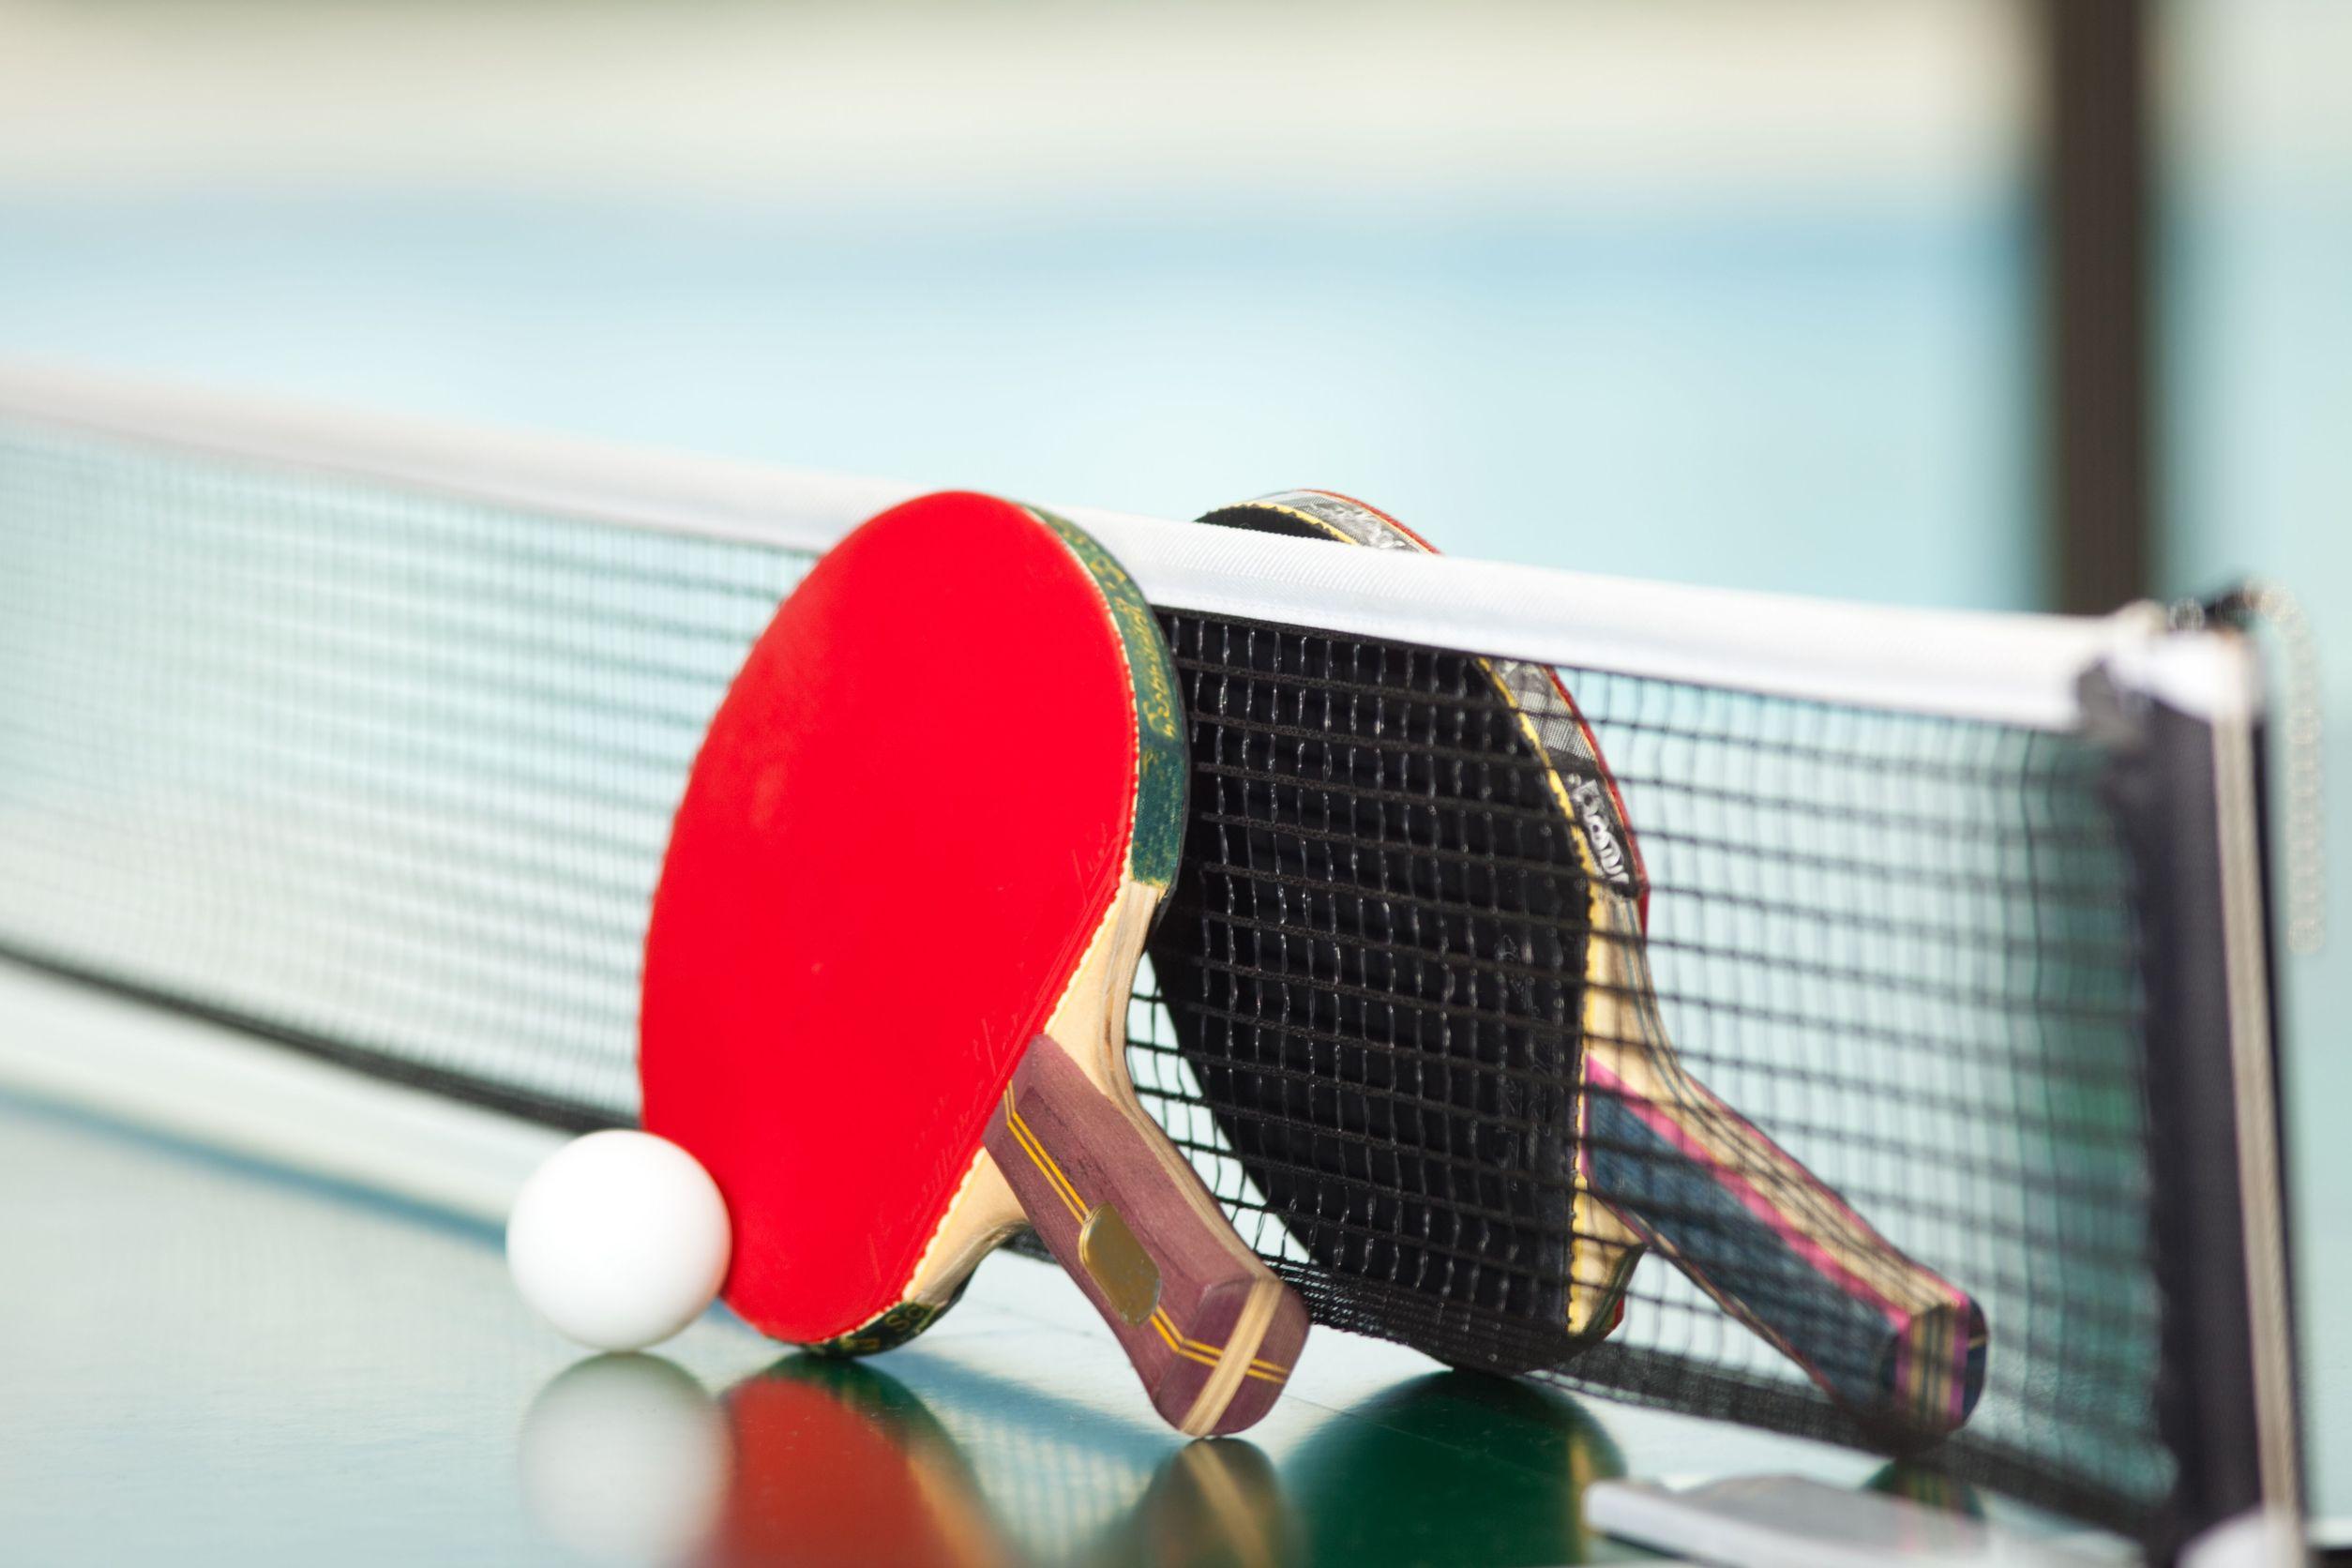 Казахстанка победила в международном турнире по настольному теннису, Казахстан, Победа, Международный турнир, Китай, Настольный теннис